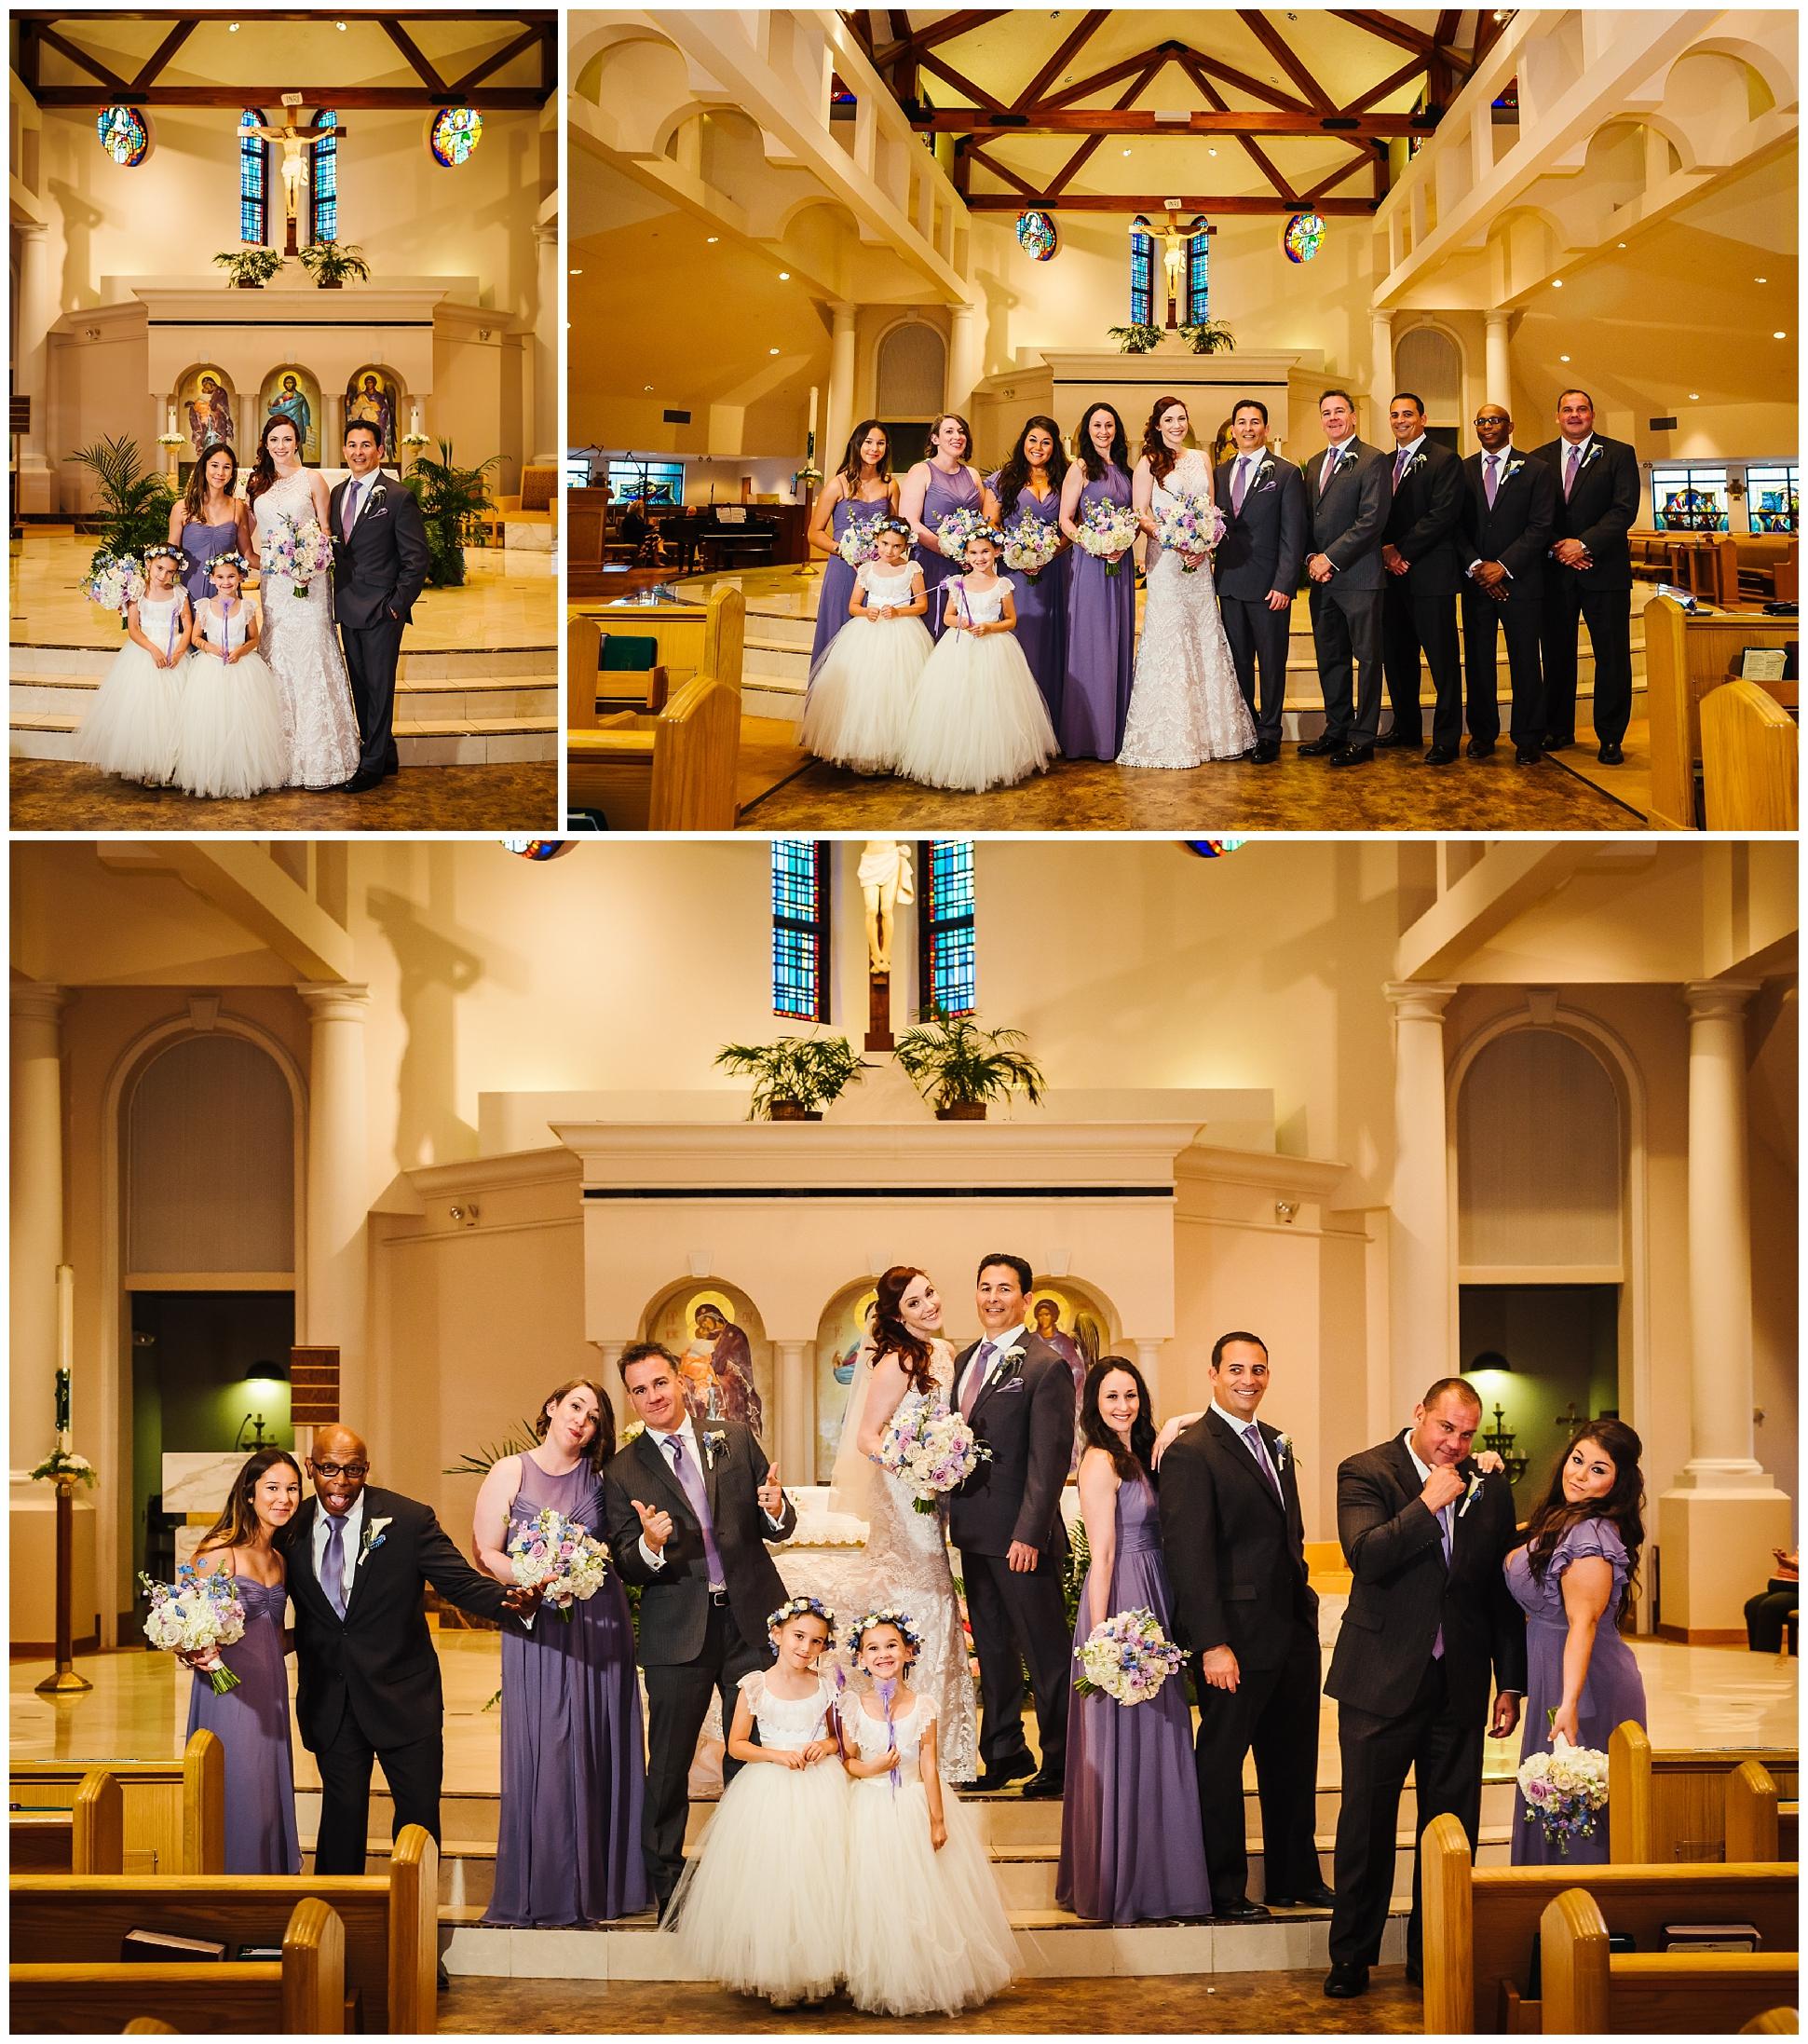 st-pete-wedding-photographer-nova-535-murals-downtown-lavendar_0028.jpg